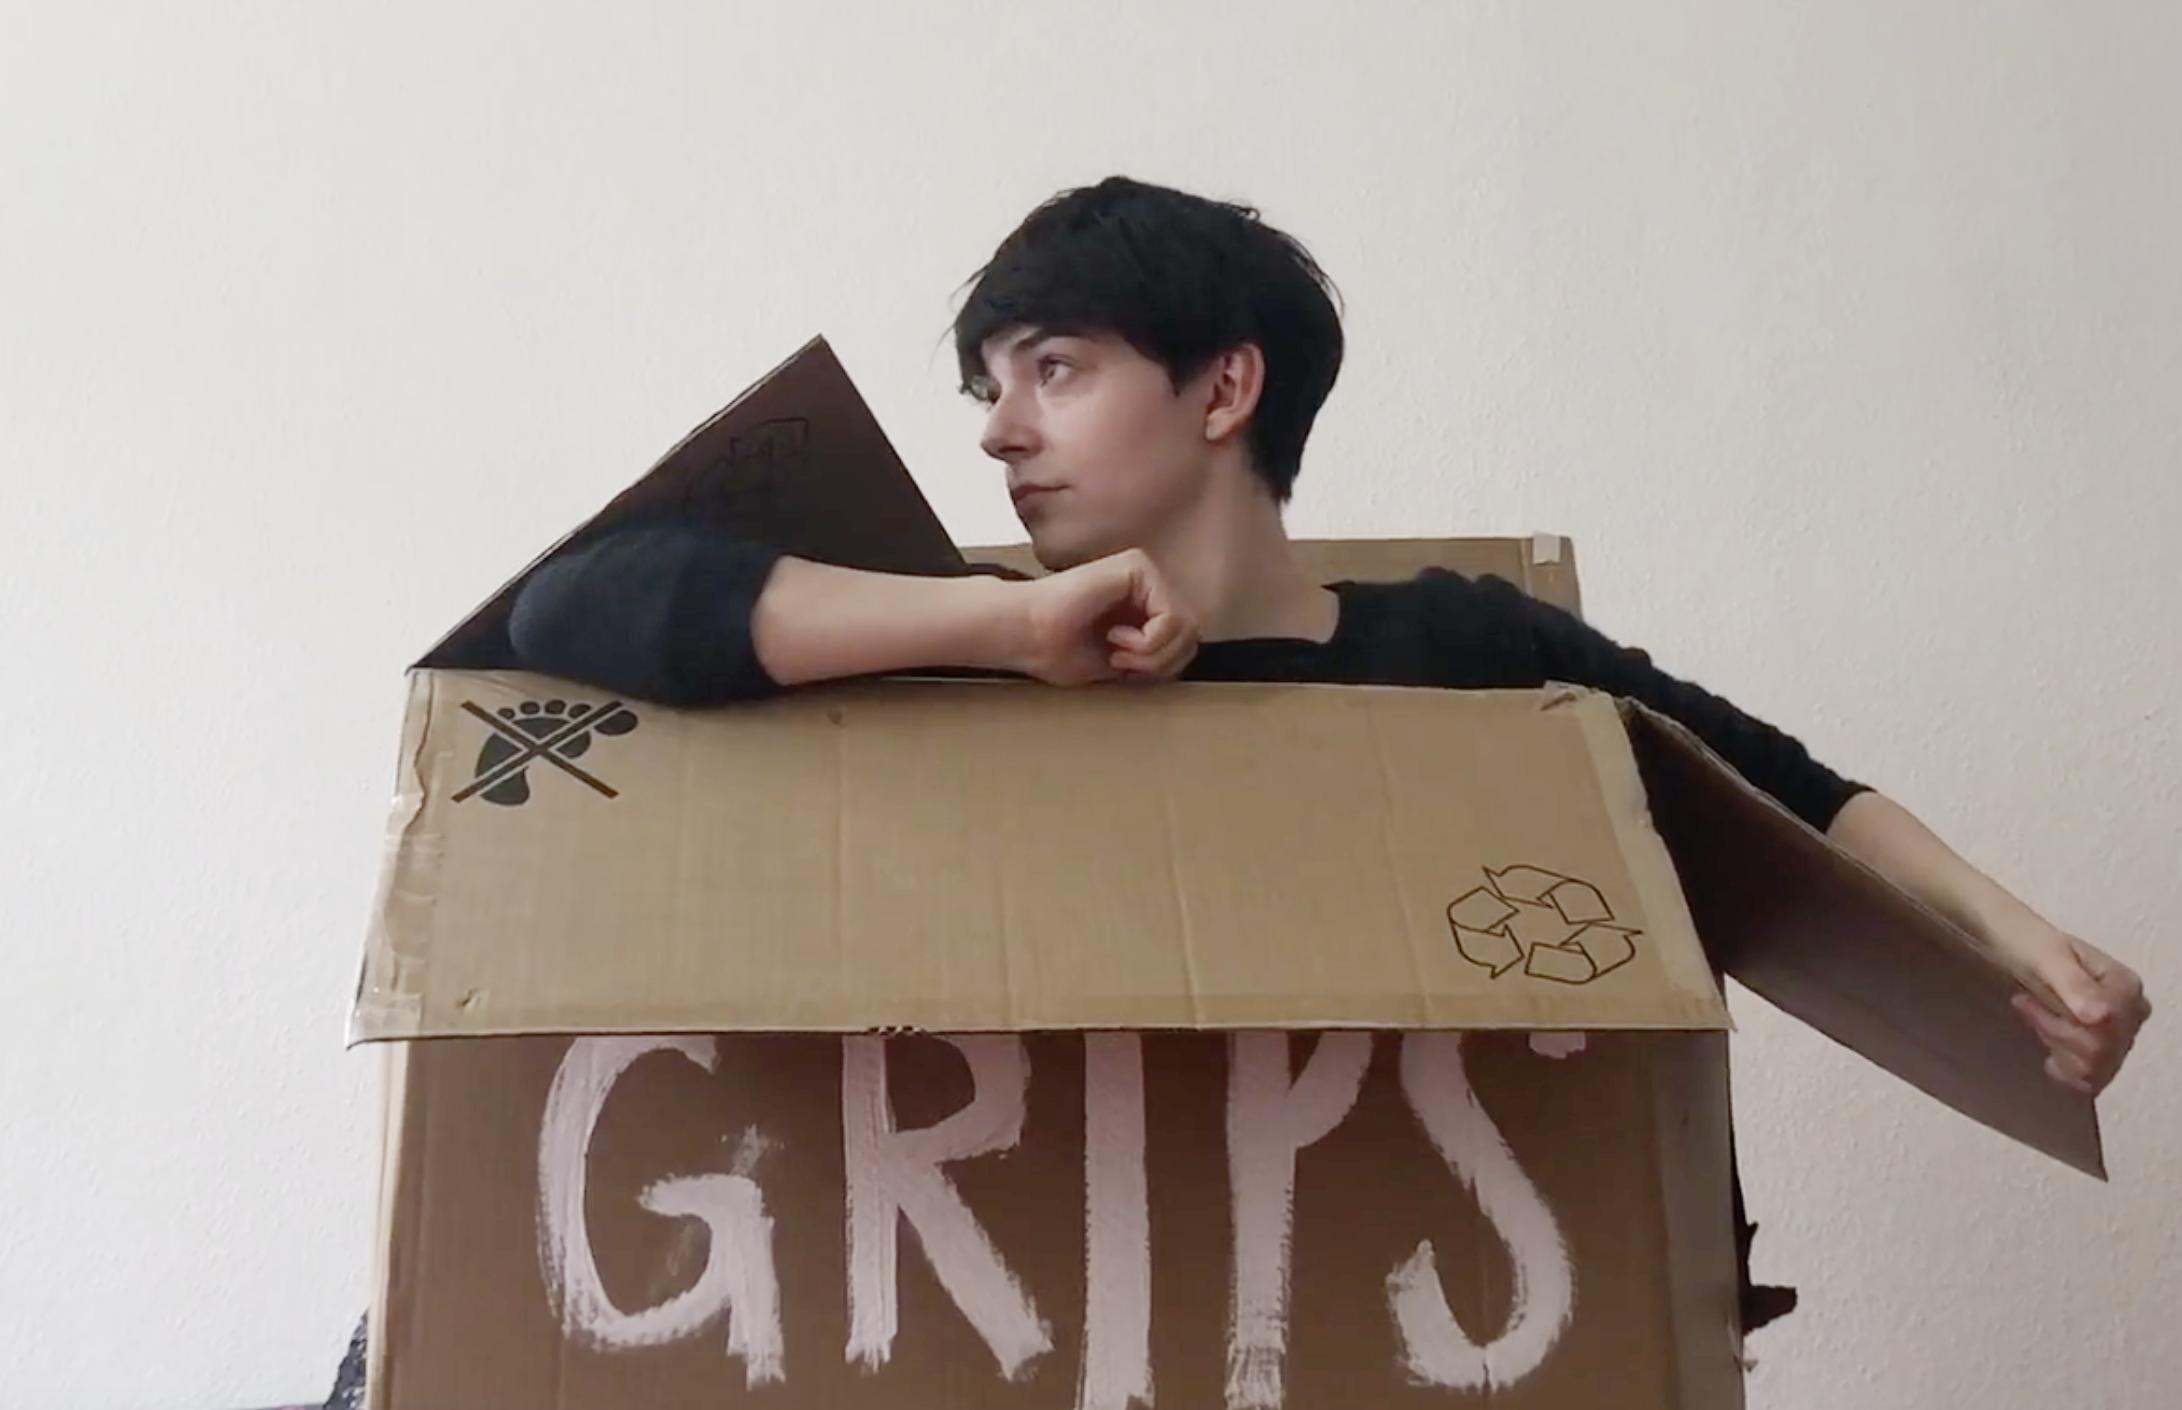 Helena steigt aus der Kiste